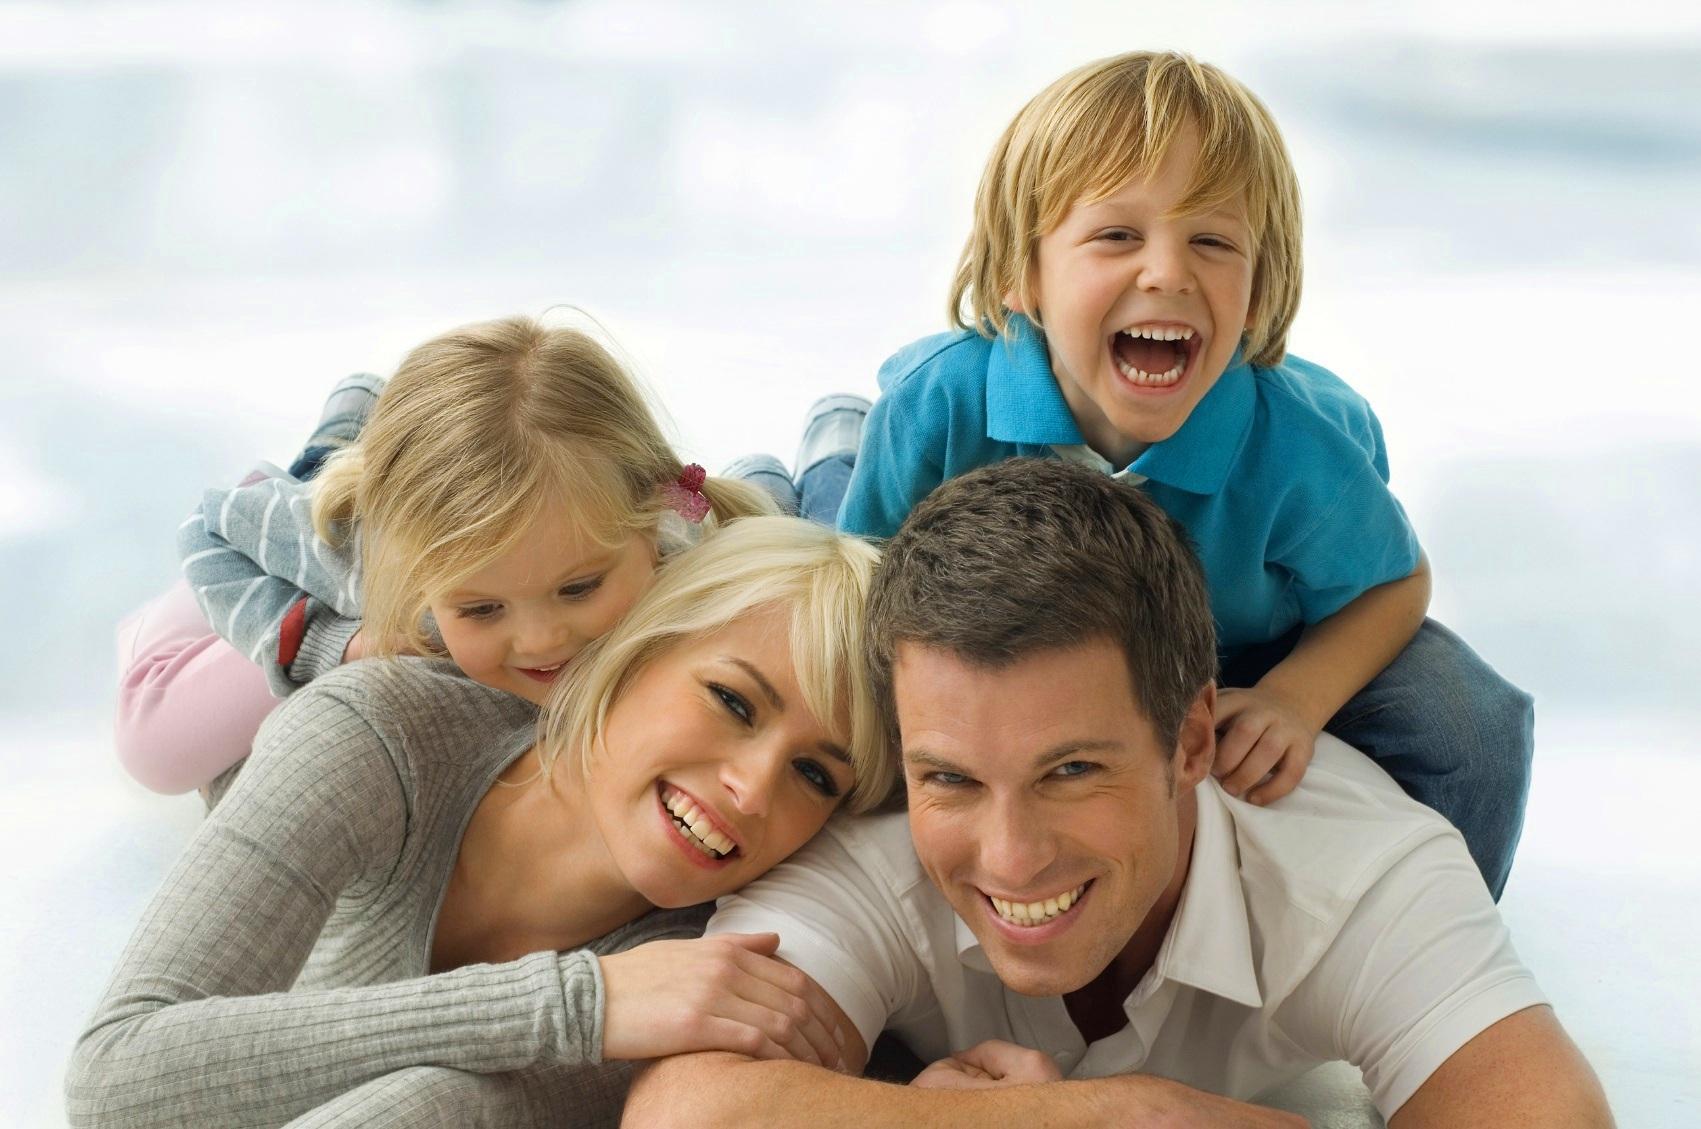 быстрый интересные картинки о детях и семьях первый раз